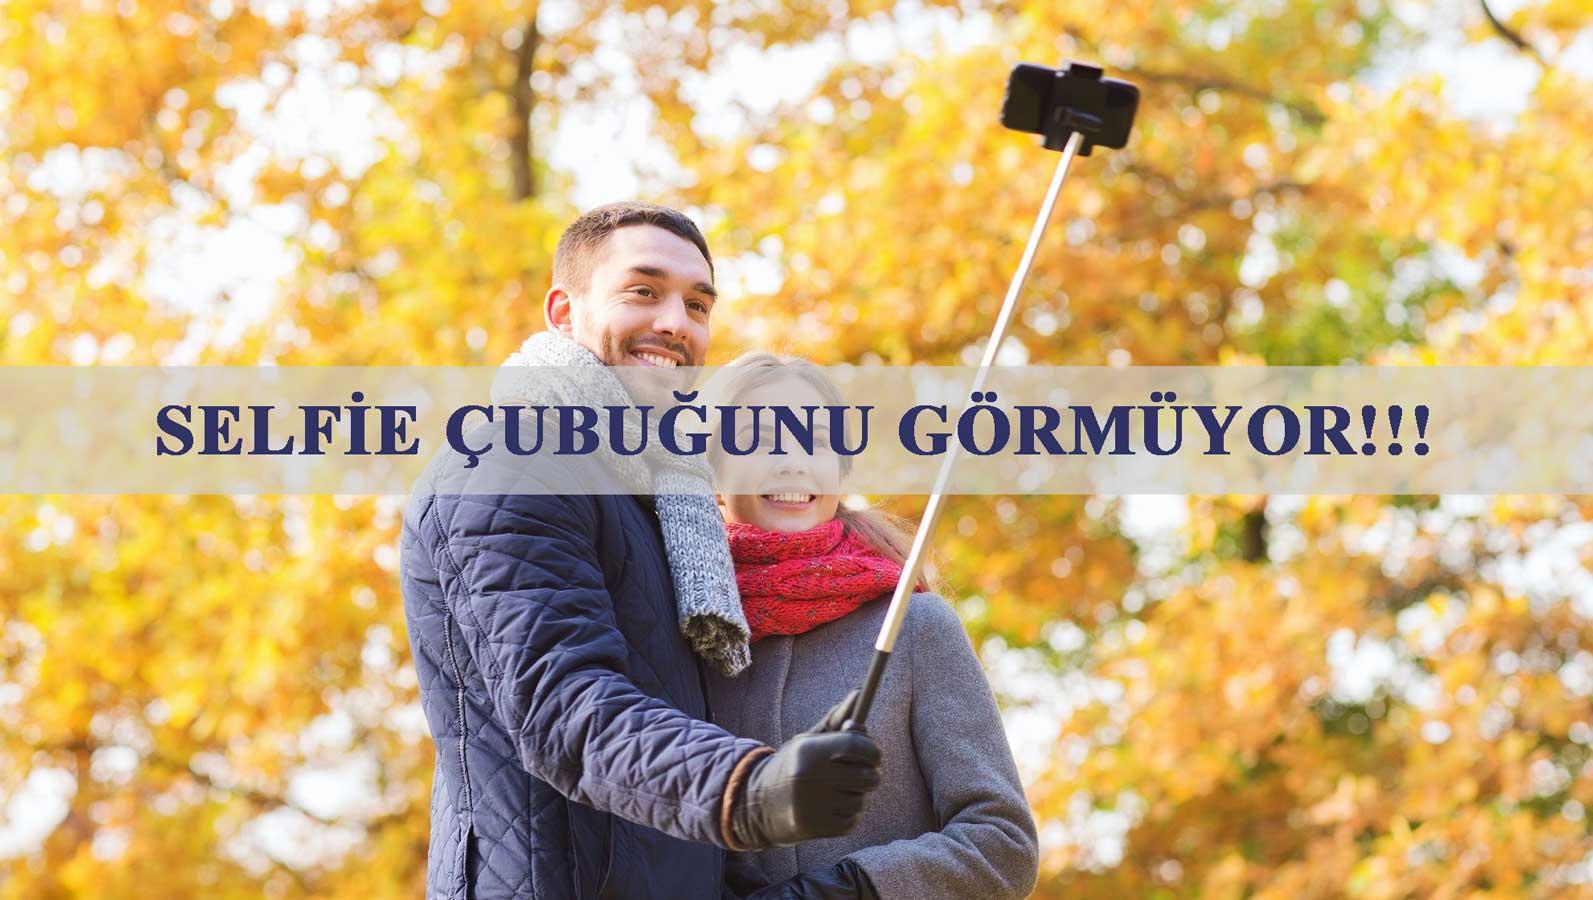 Selfie çubuğunu görmüyor Telefon Selfie Çubuğunu Görmüyor Çözümü Telefon Selfie Çubuğunu Görmüyor Çözümü selfie cubugu gormuyor